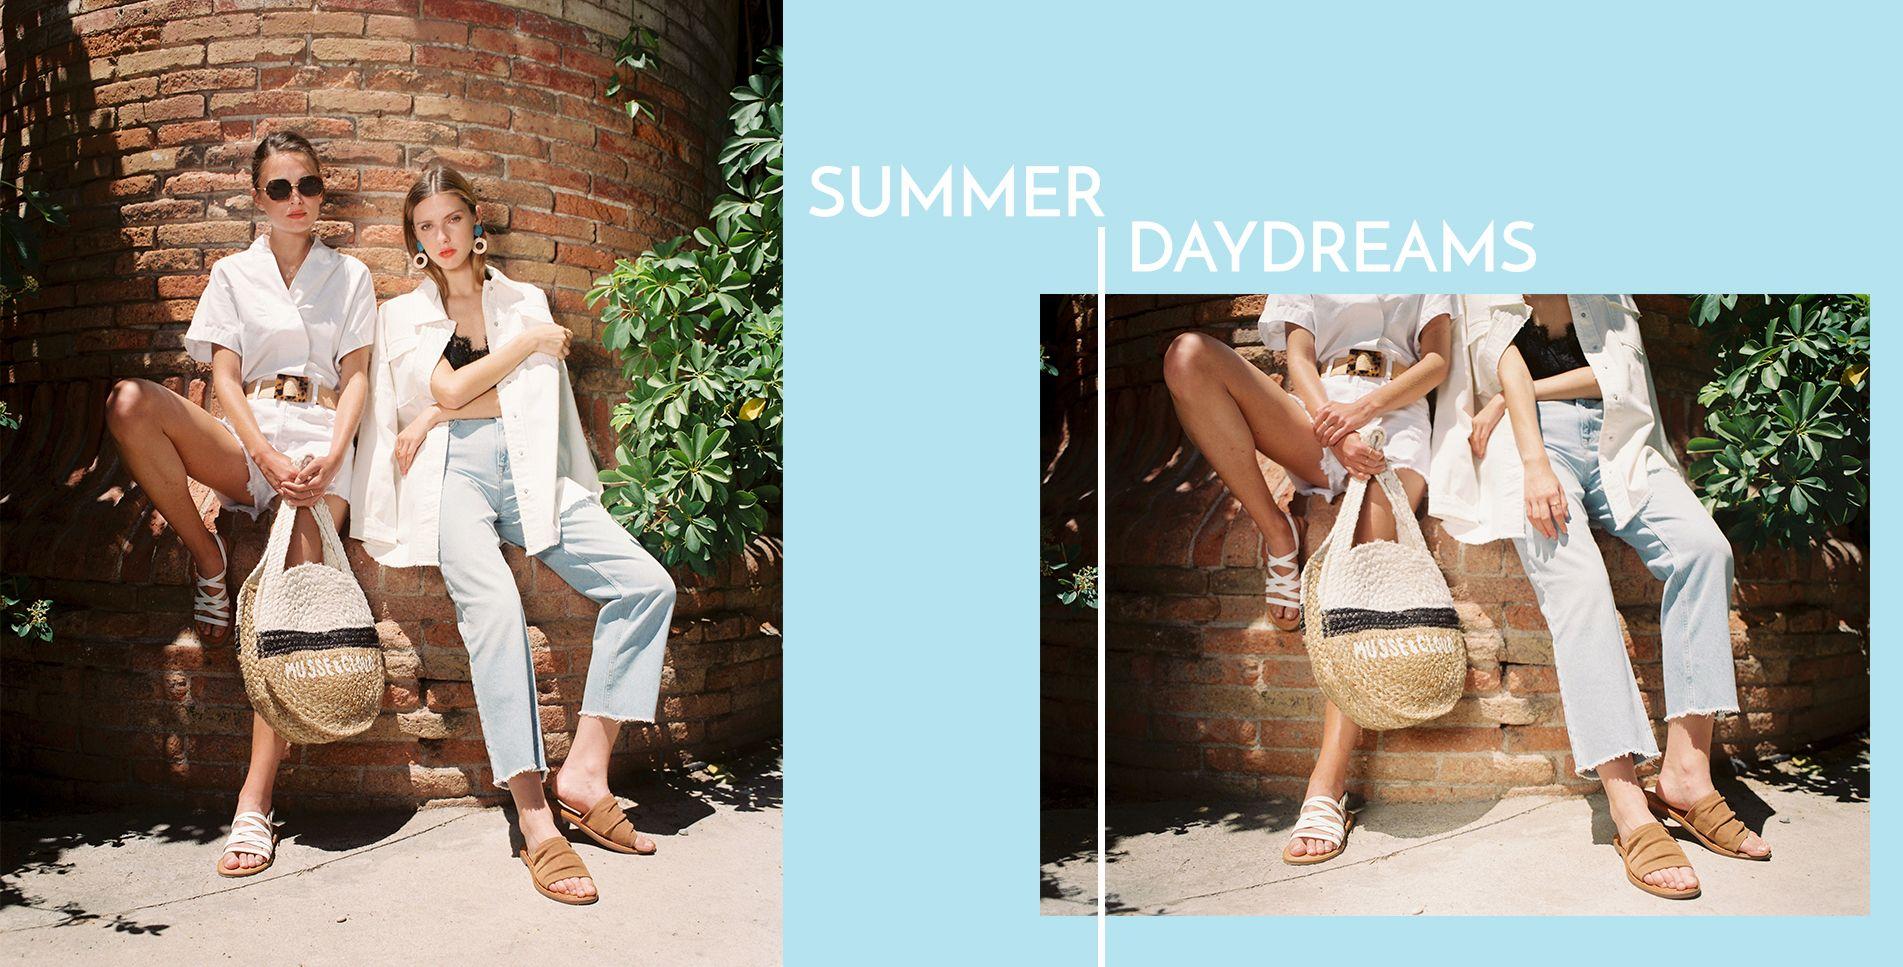 summerdaydreams